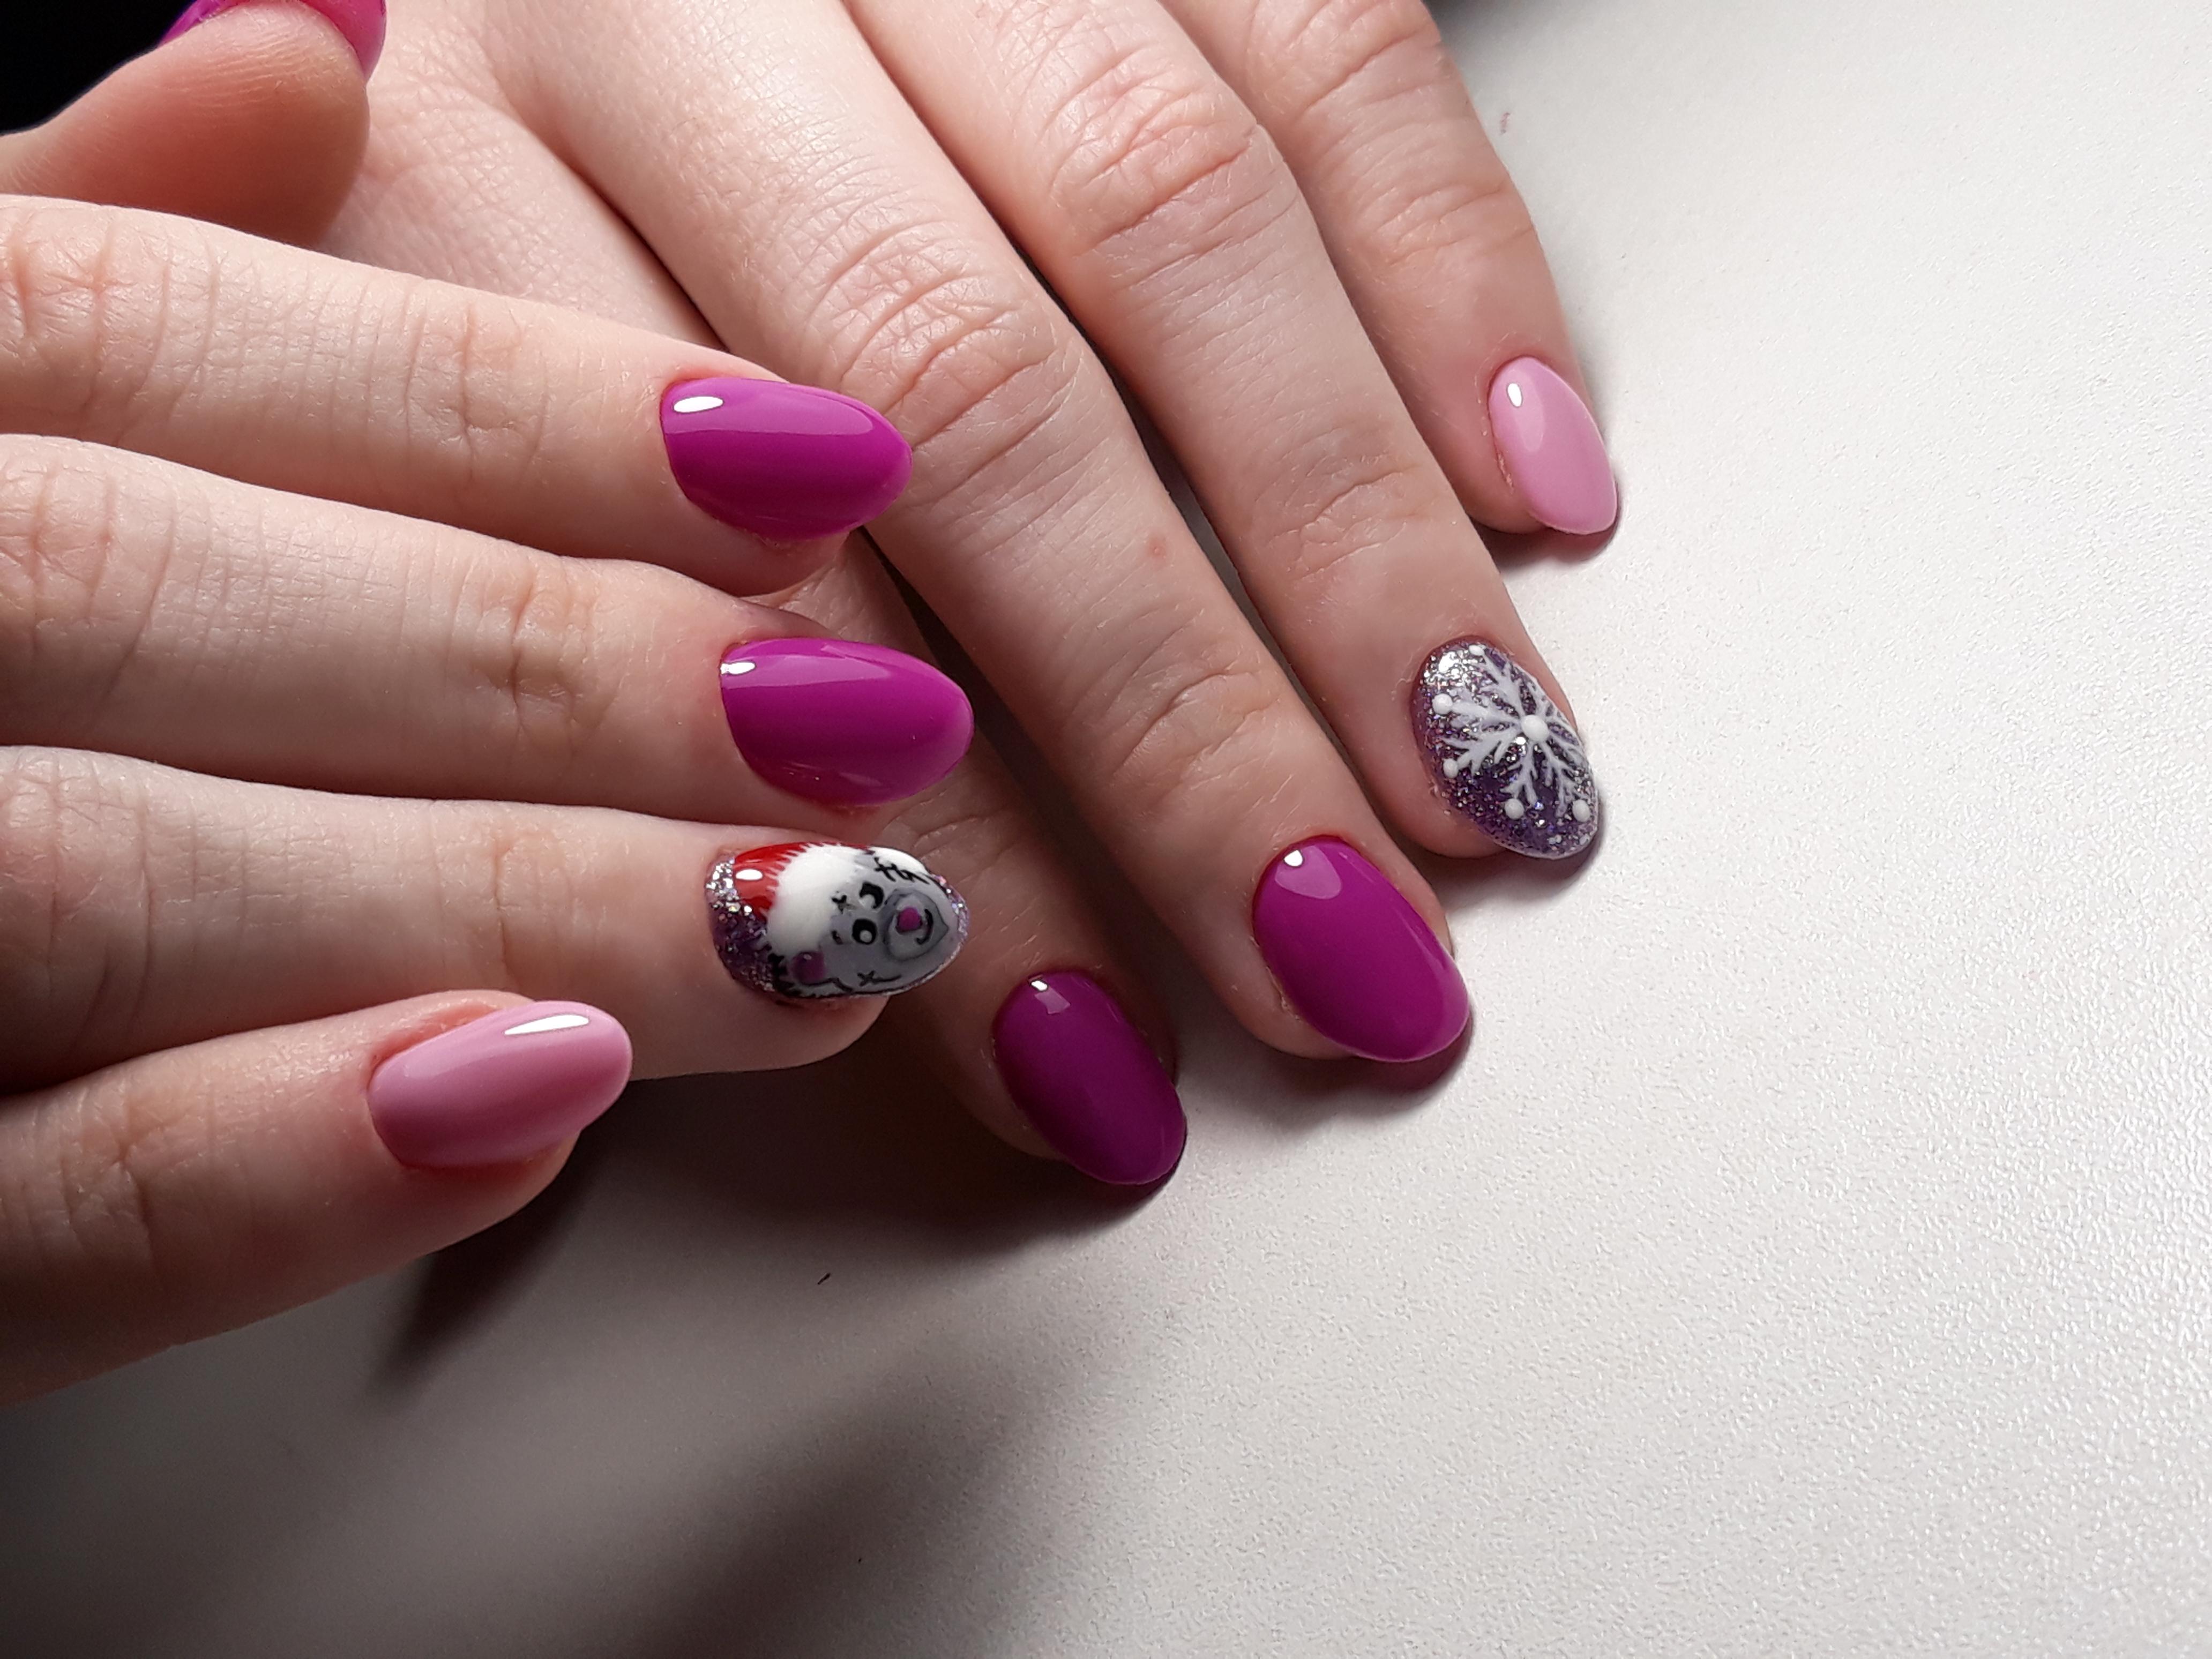 """Маникюр в баклажановом цвете с розовым дизайном, мультяшным новогодним рисунком """"Мишка Тедди"""" и """"снежинка""""."""